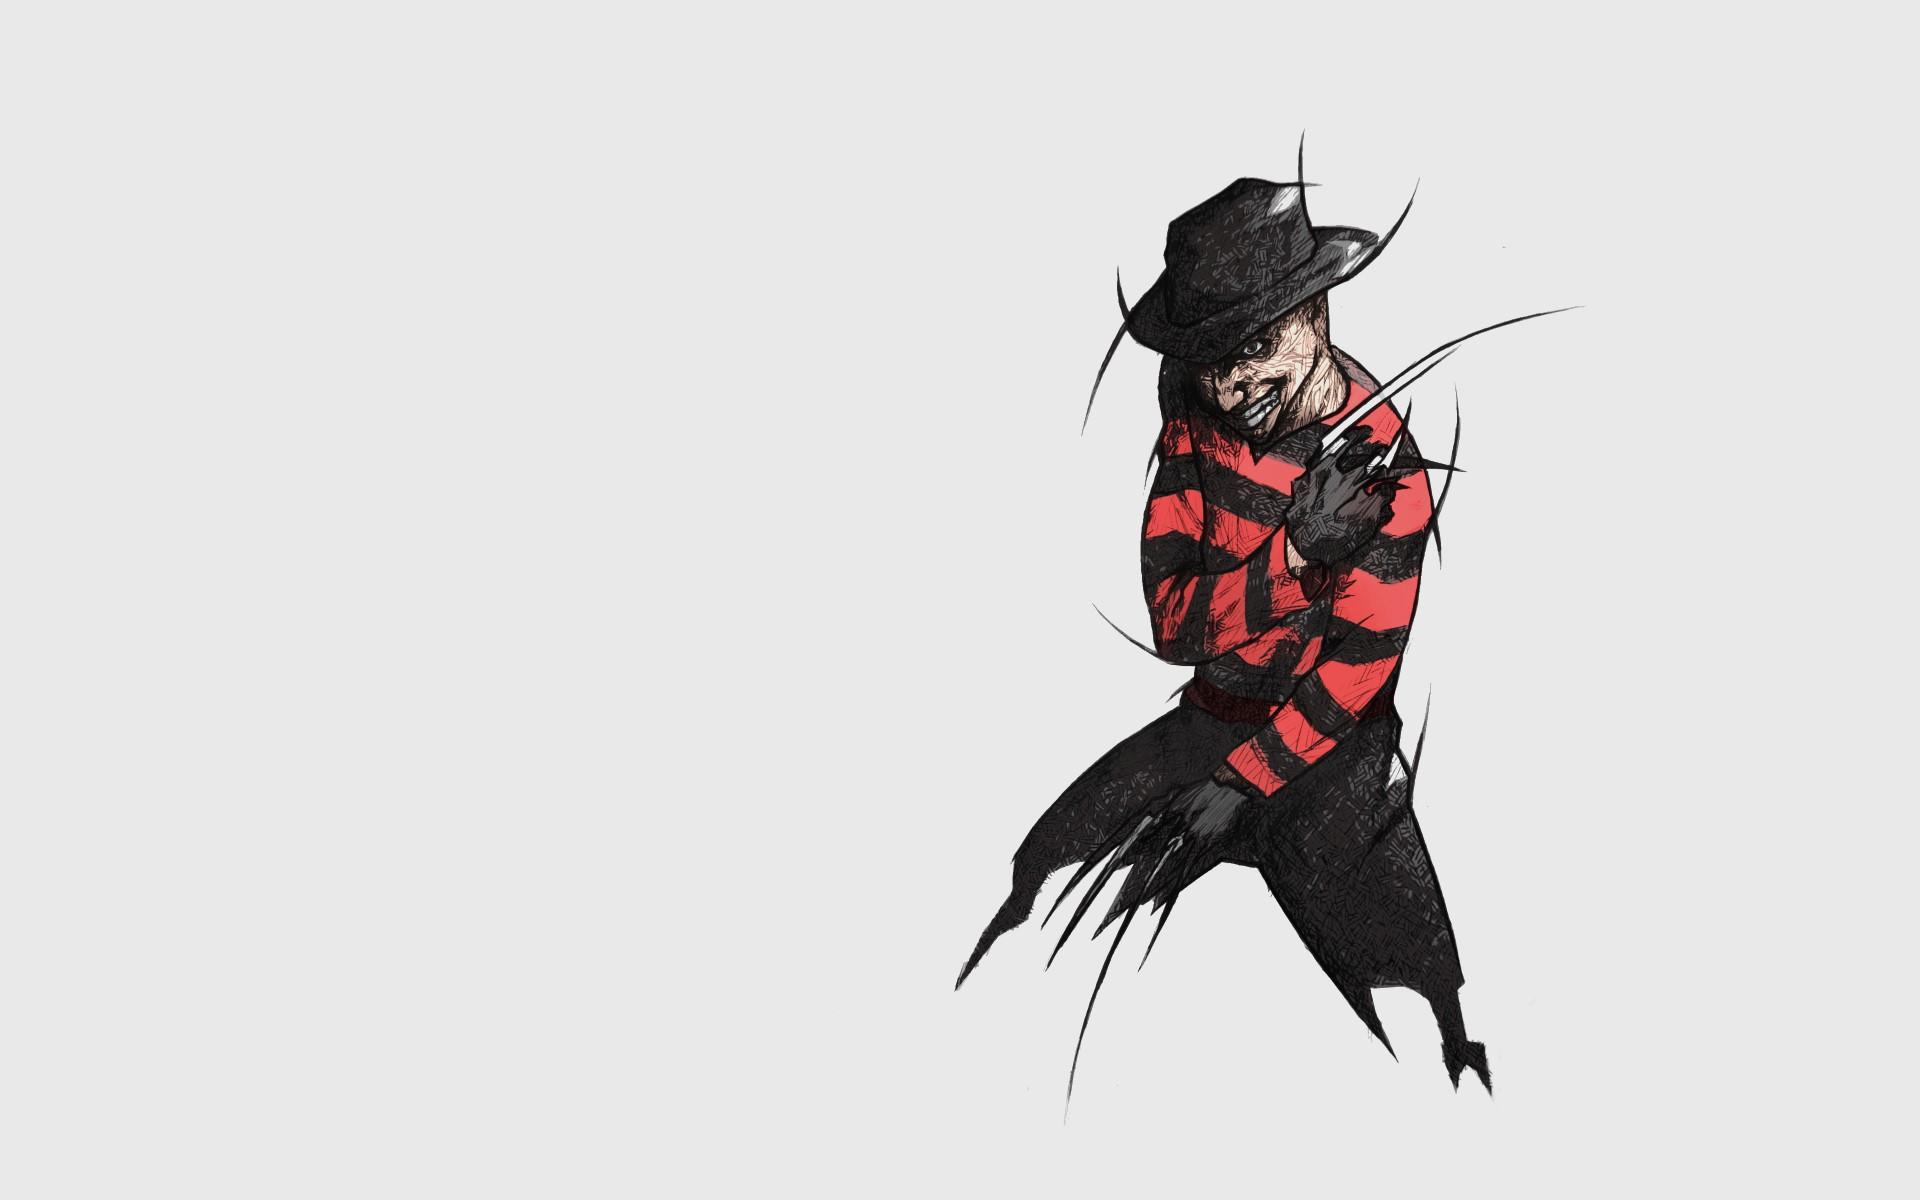 Freddy Krueger Wallpaper Download Free Amazing Hd Wallpapers